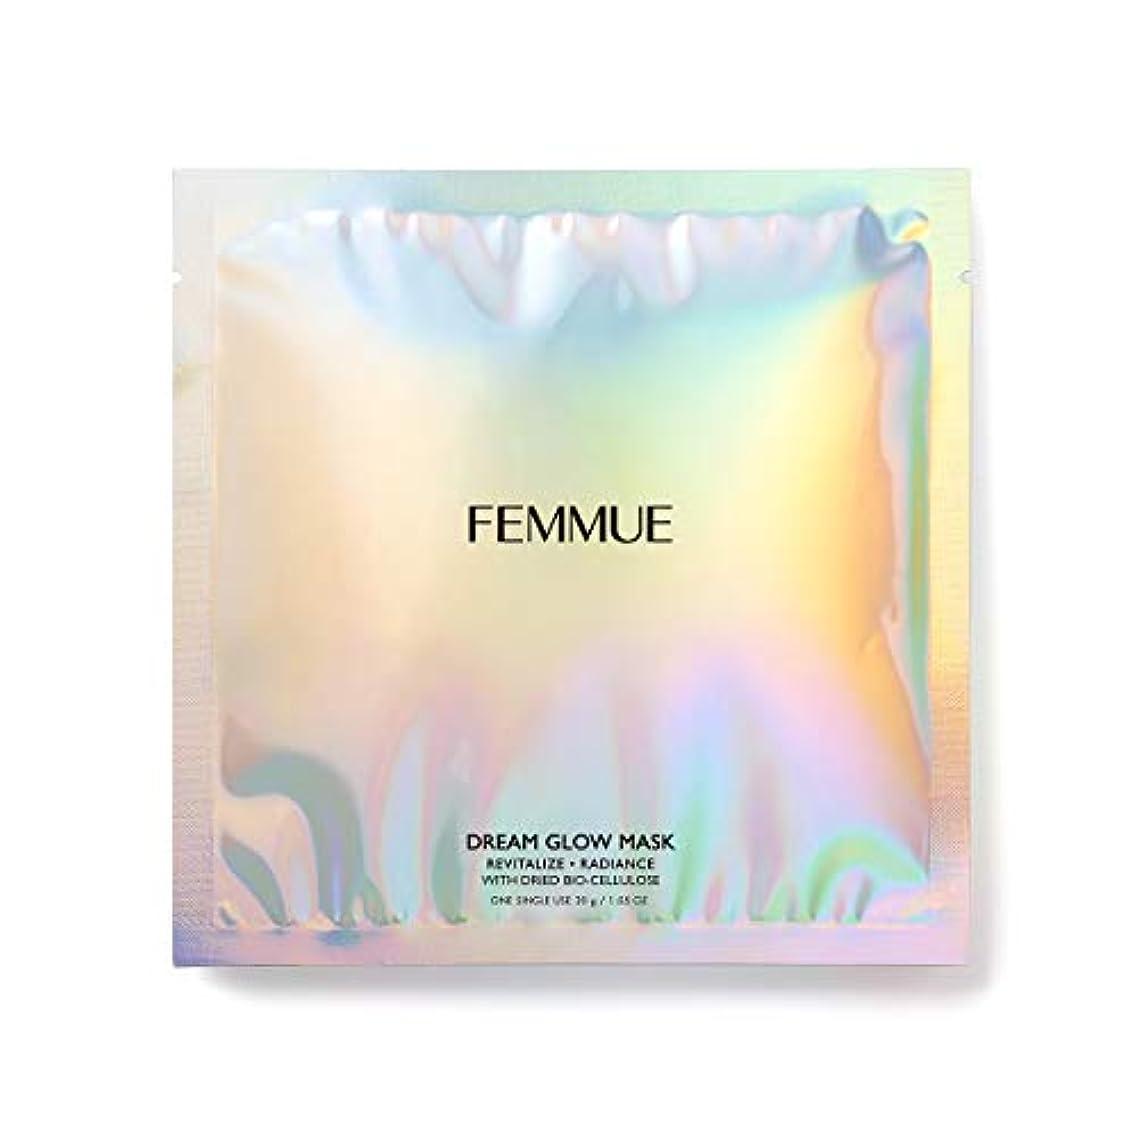 飲み込むディスコ他の場所FEMMUE(ファミュ) ドリームグロウマスクRR[透明感?キメ]30mL×6枚入 日本正規品 ネロリ(RR)[透明感?キメ]